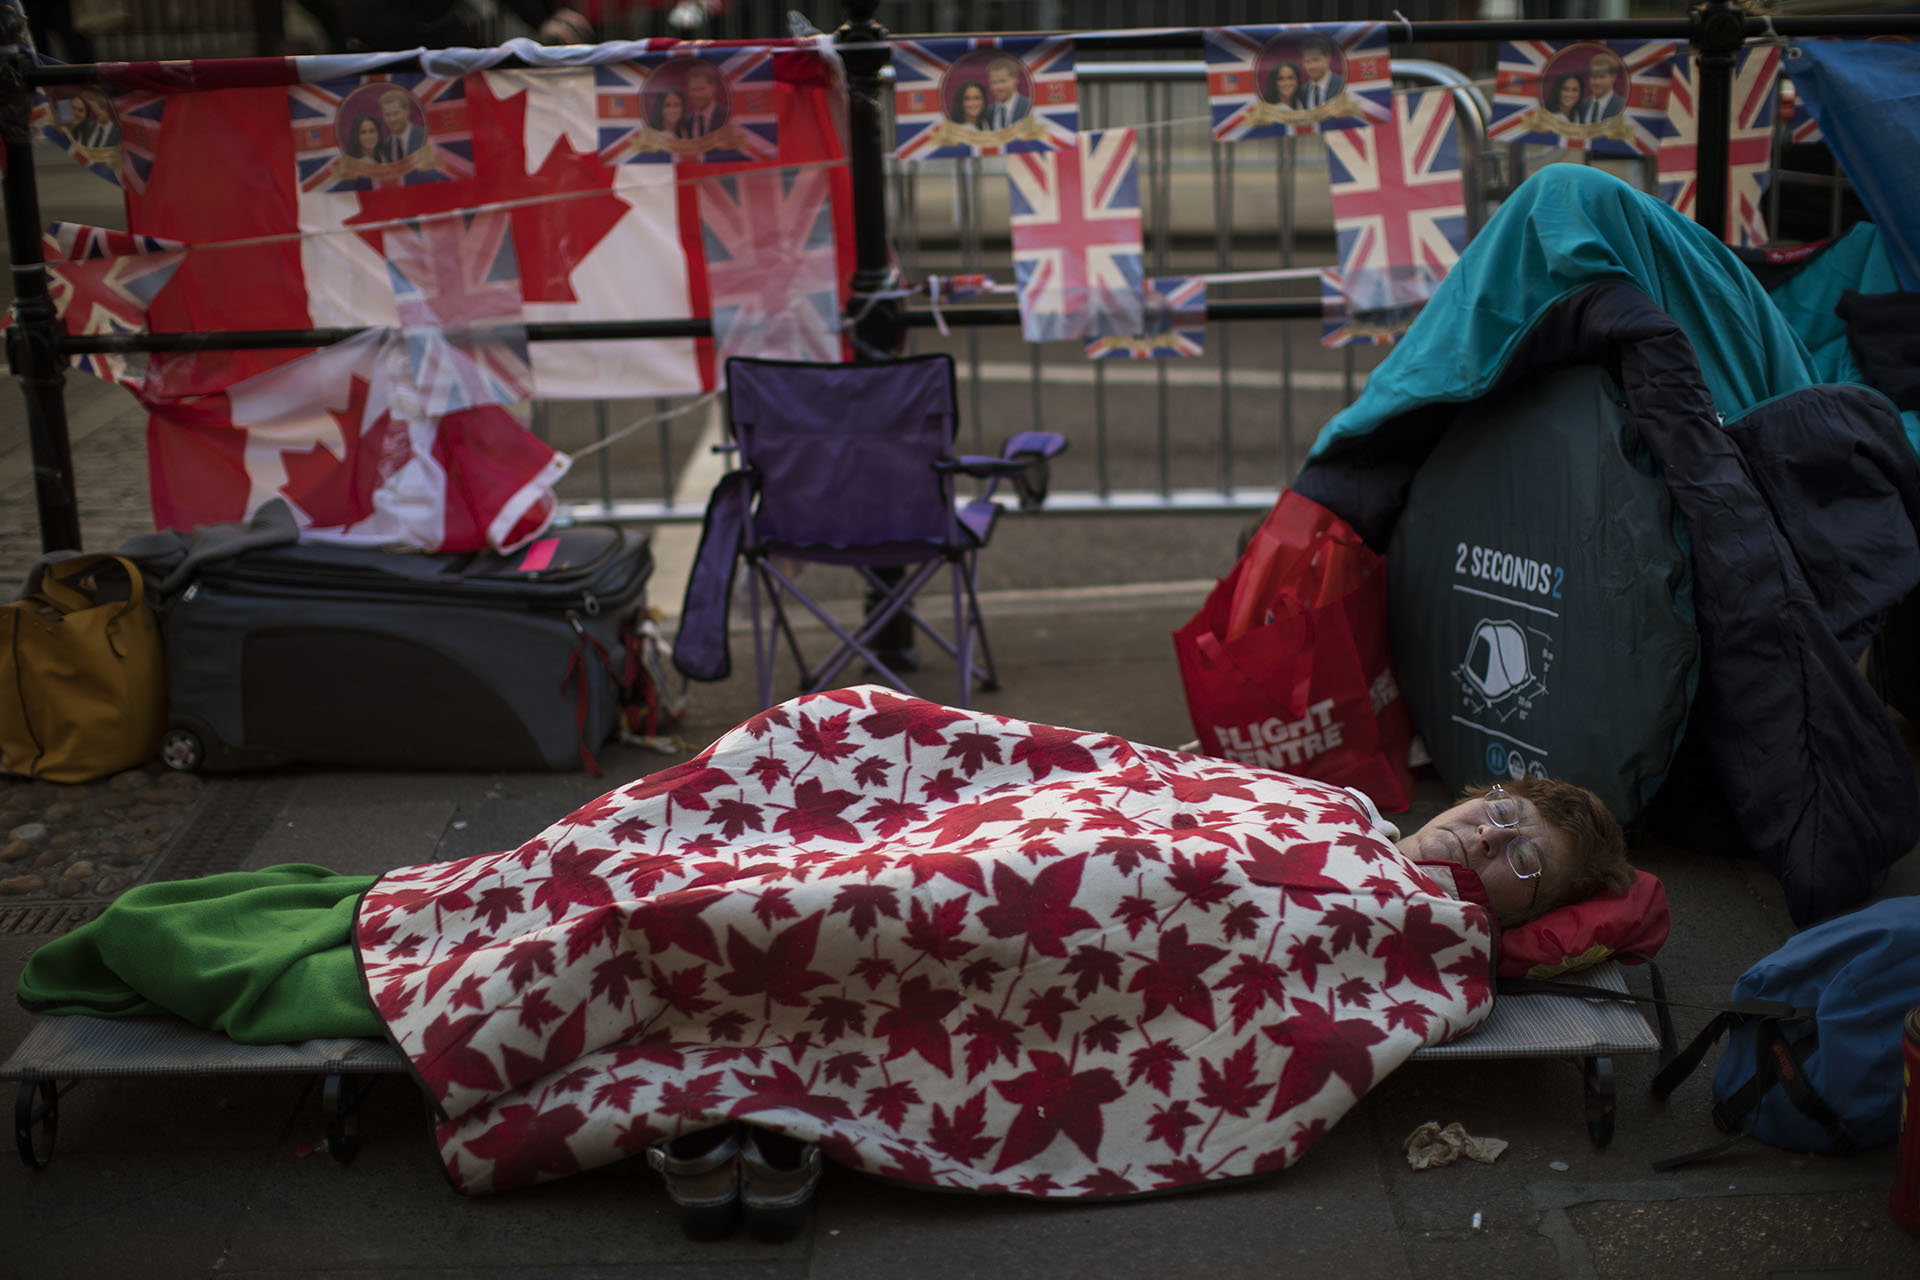 Nadie quiere perderse el evento, y los fanáticos ya están acampando